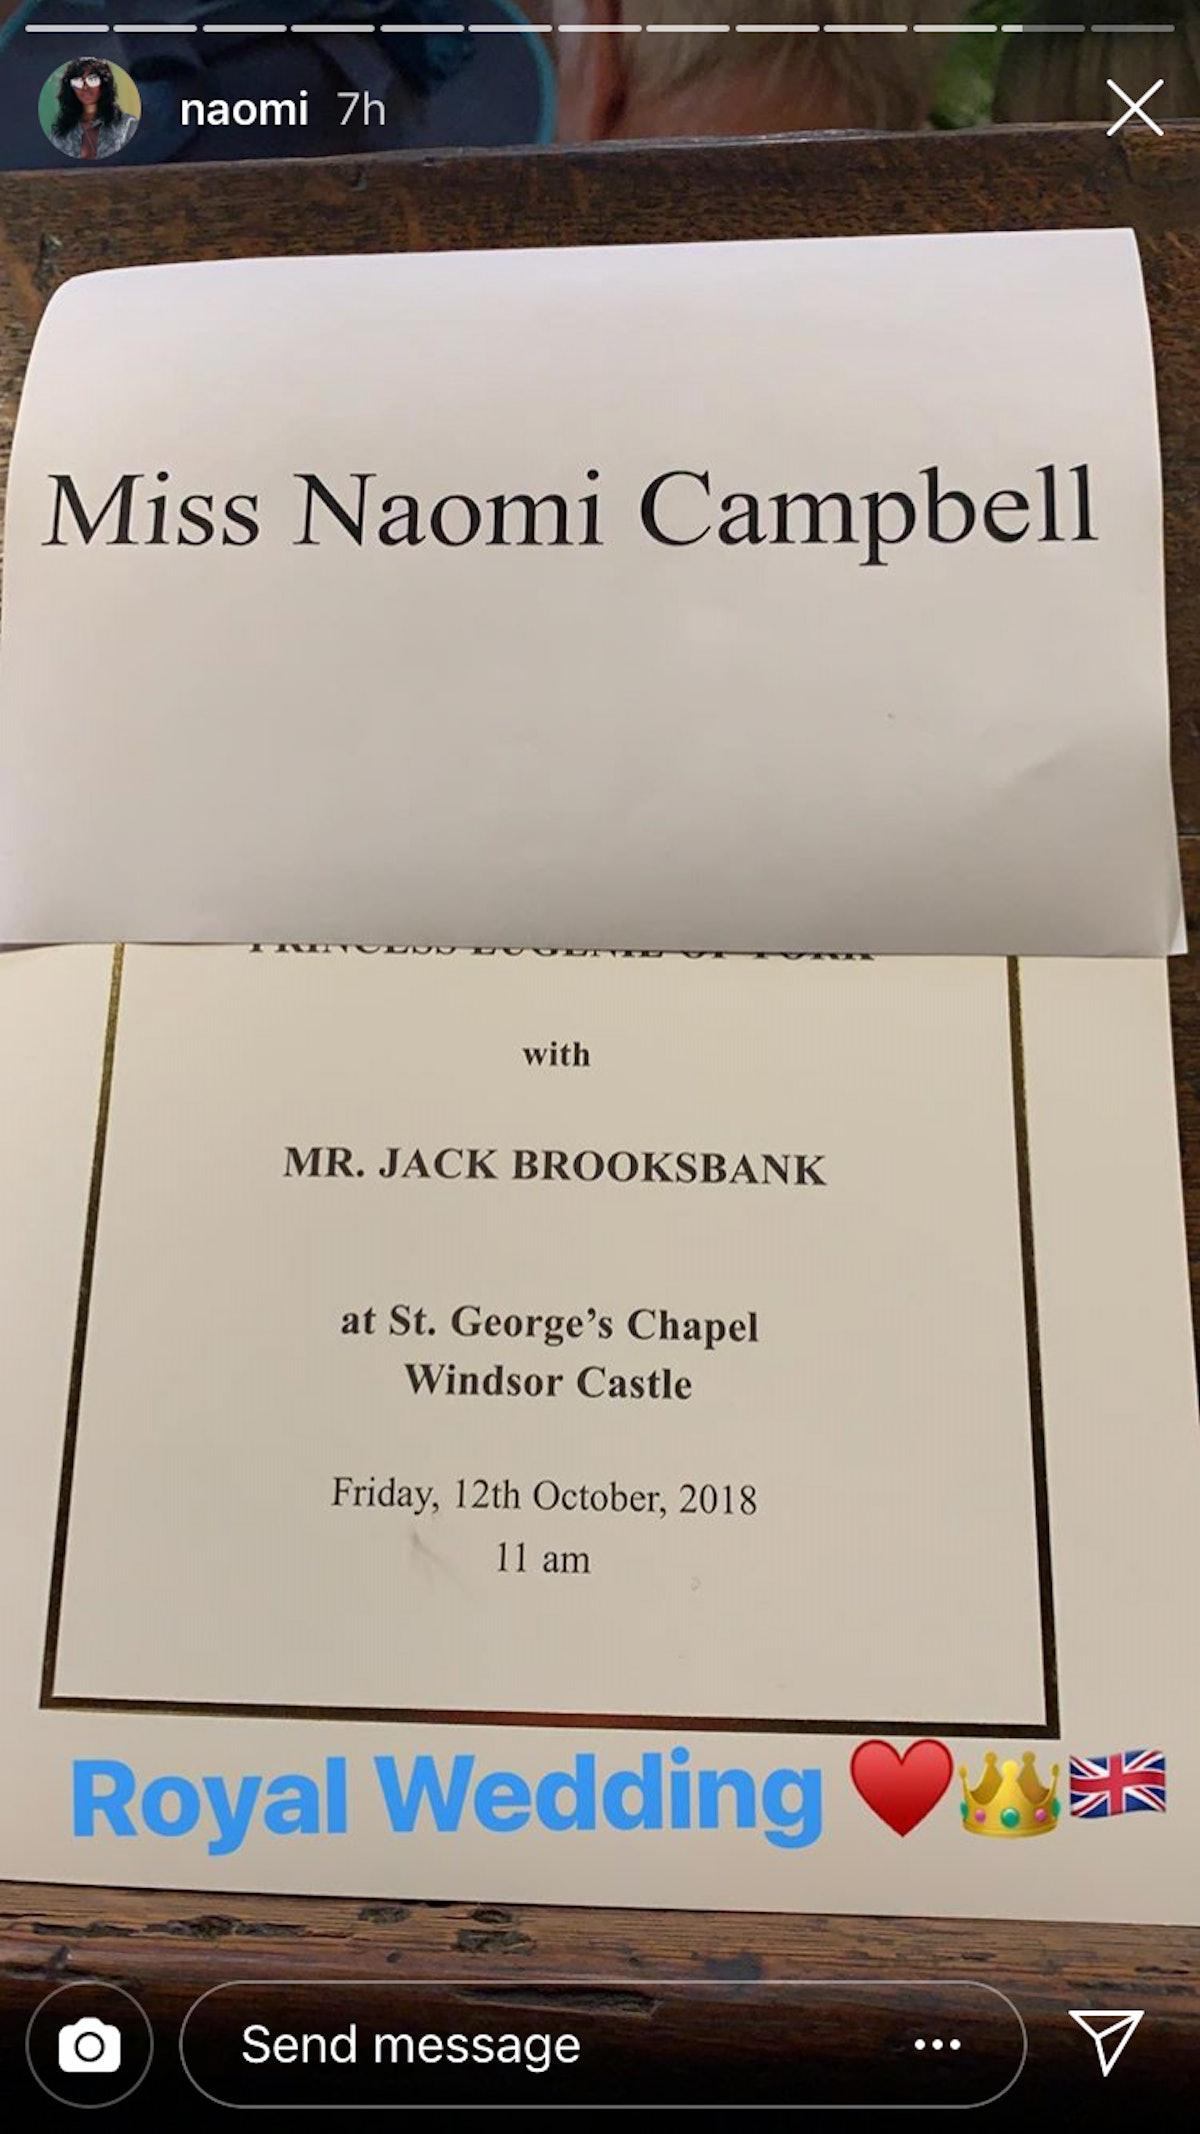 naomi-campbell-wedding-insta.PNG